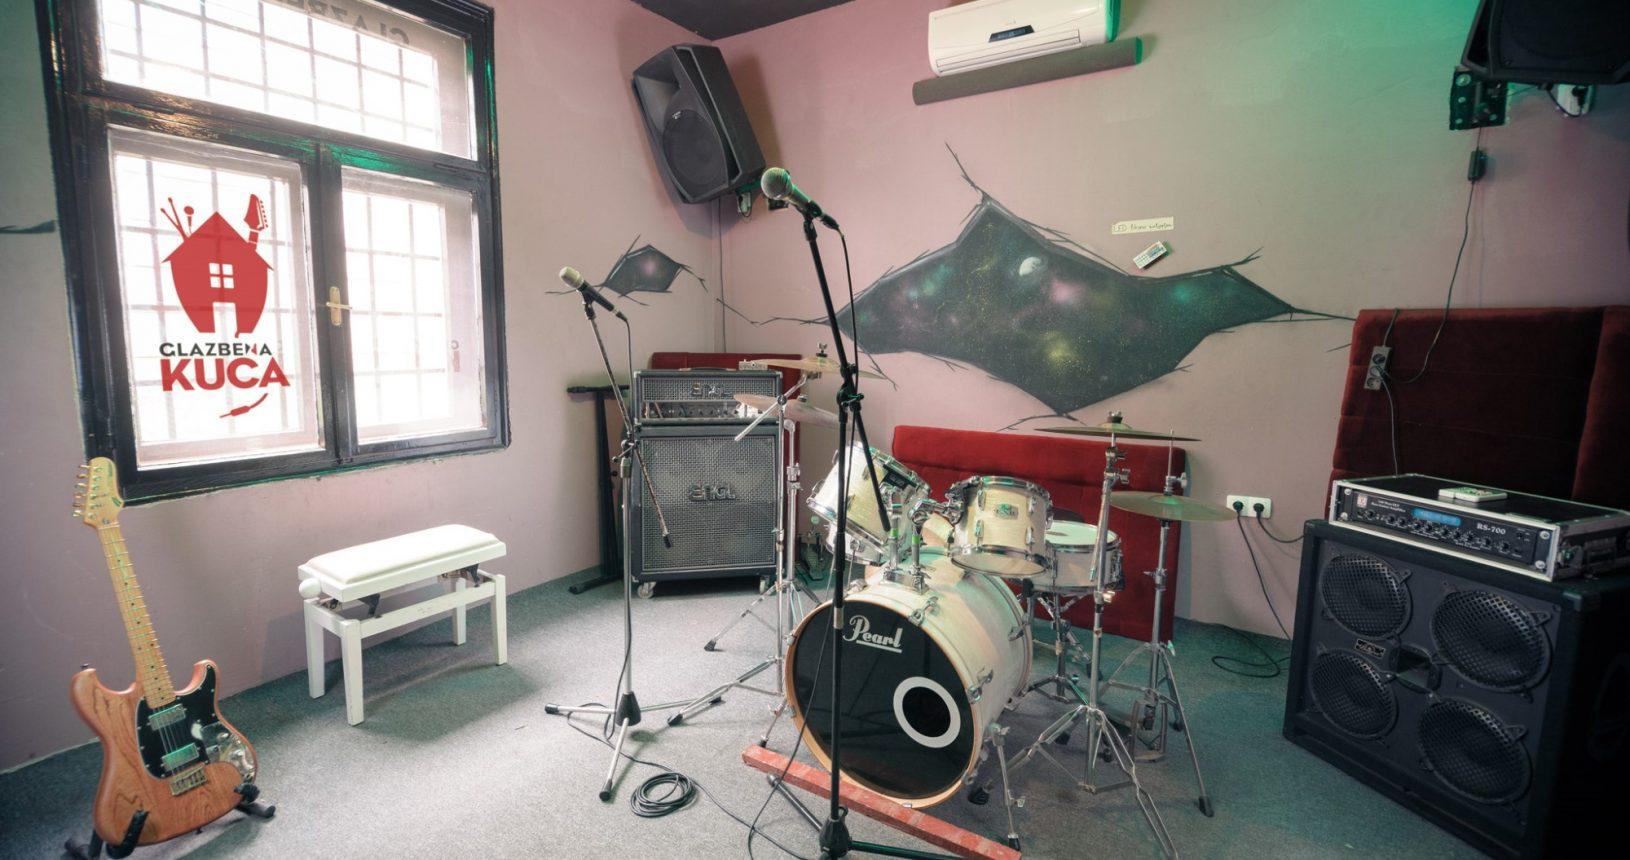 Glazbena Kuća - B prostorija